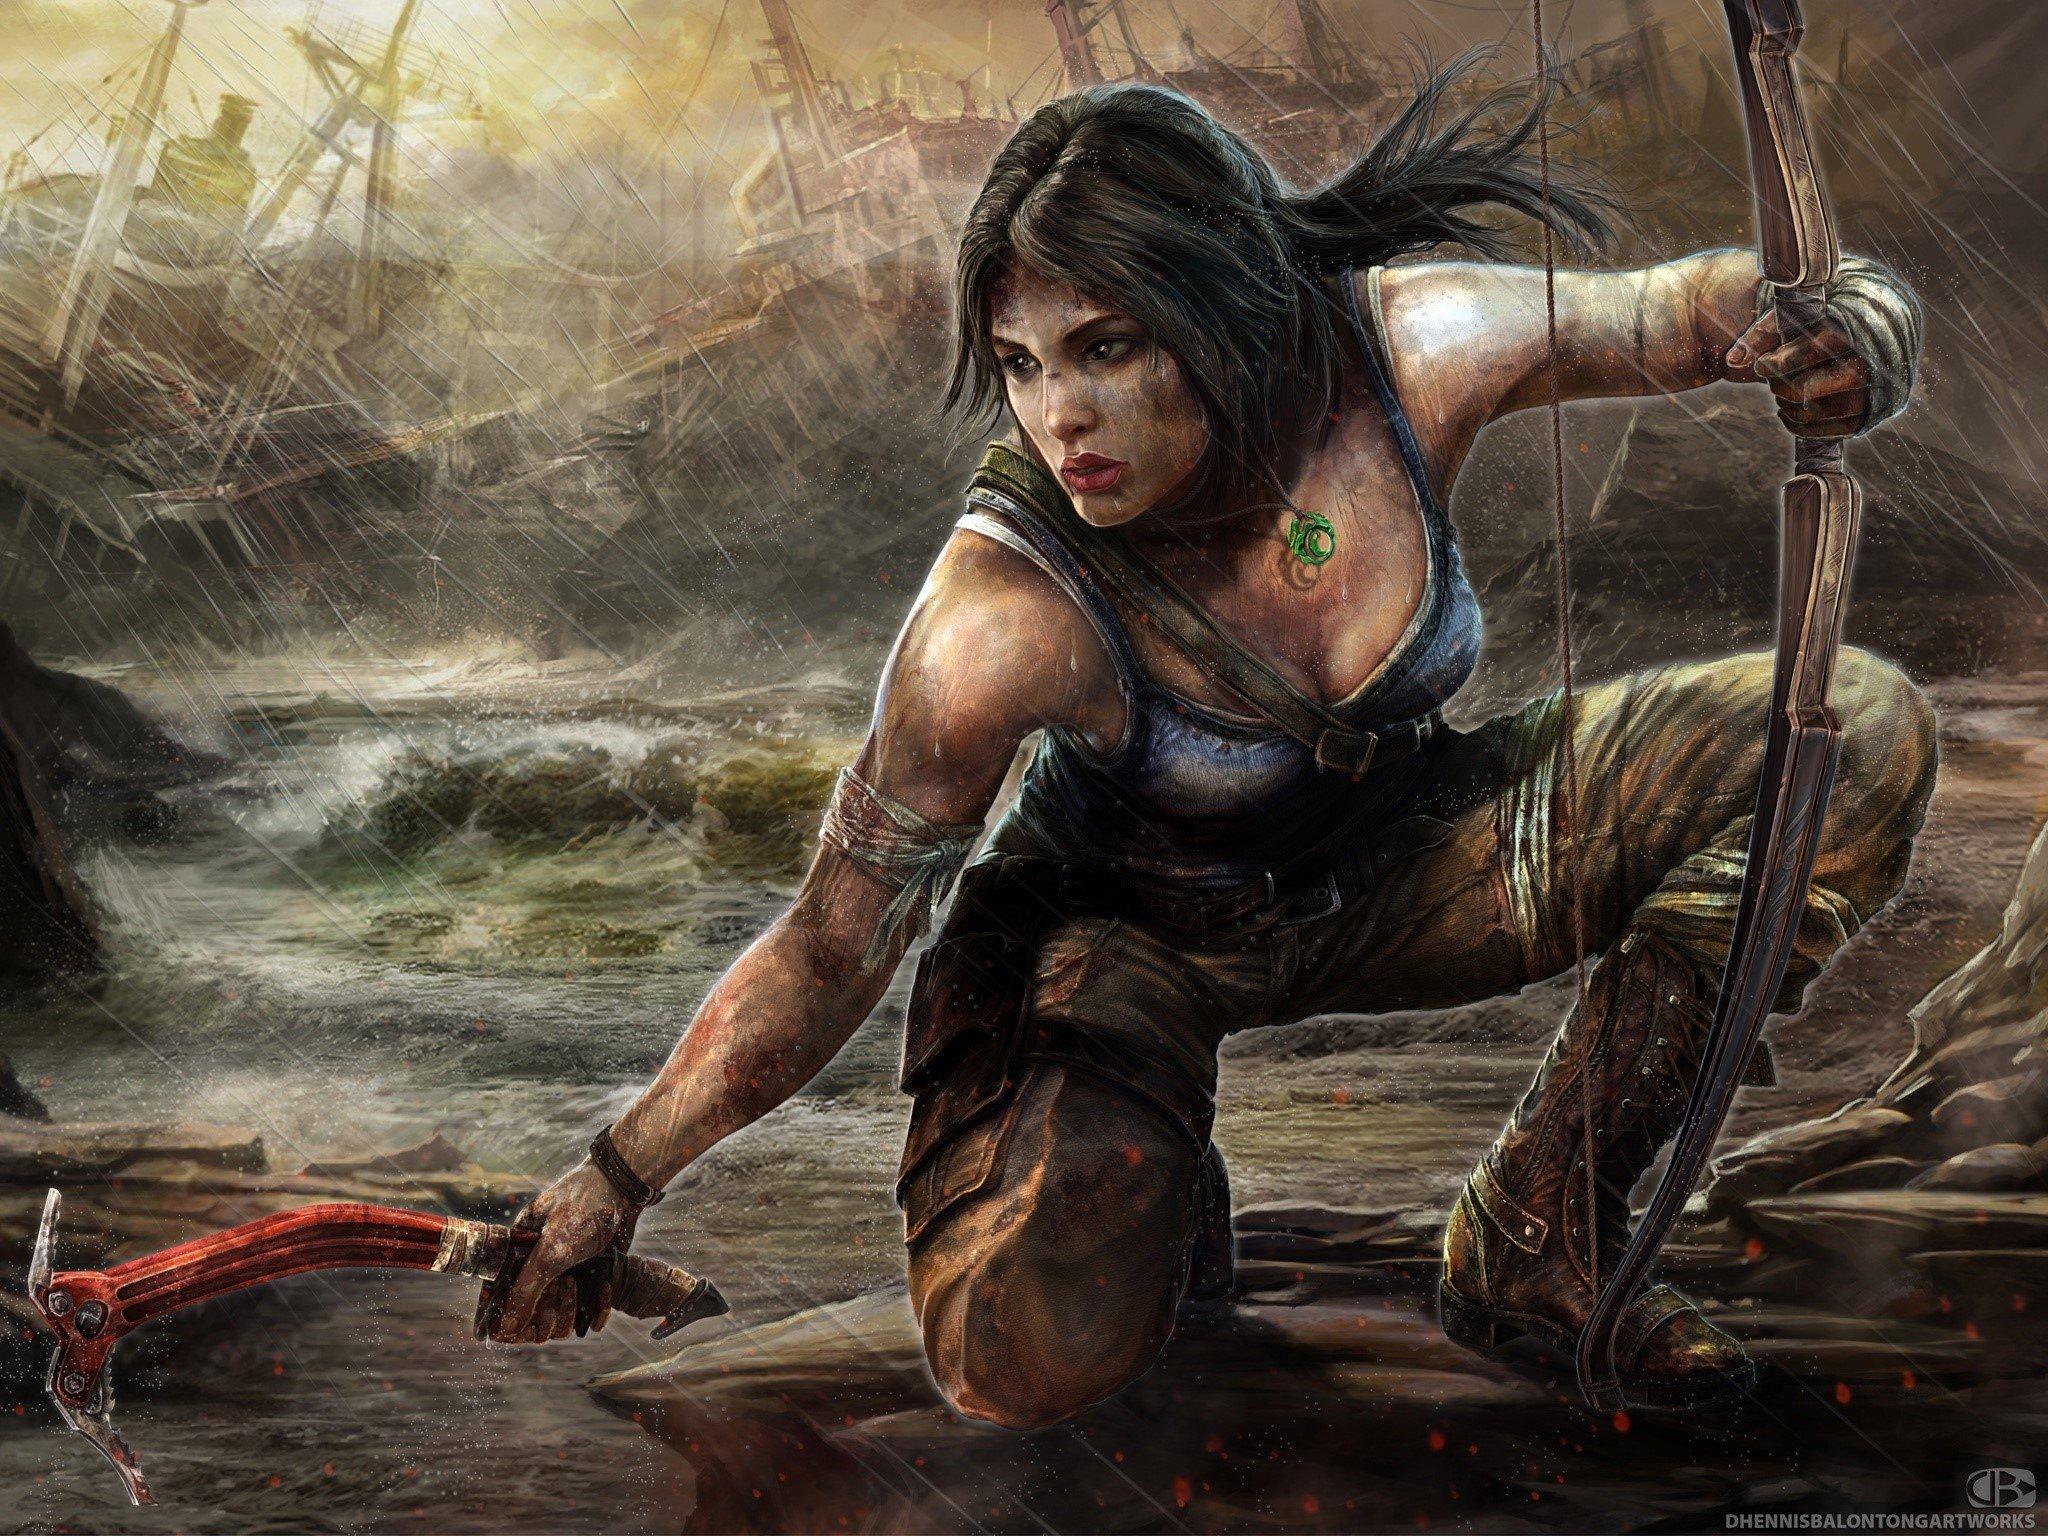 Wallpaper Dibujo de Lara Croft Tomb Raider Images